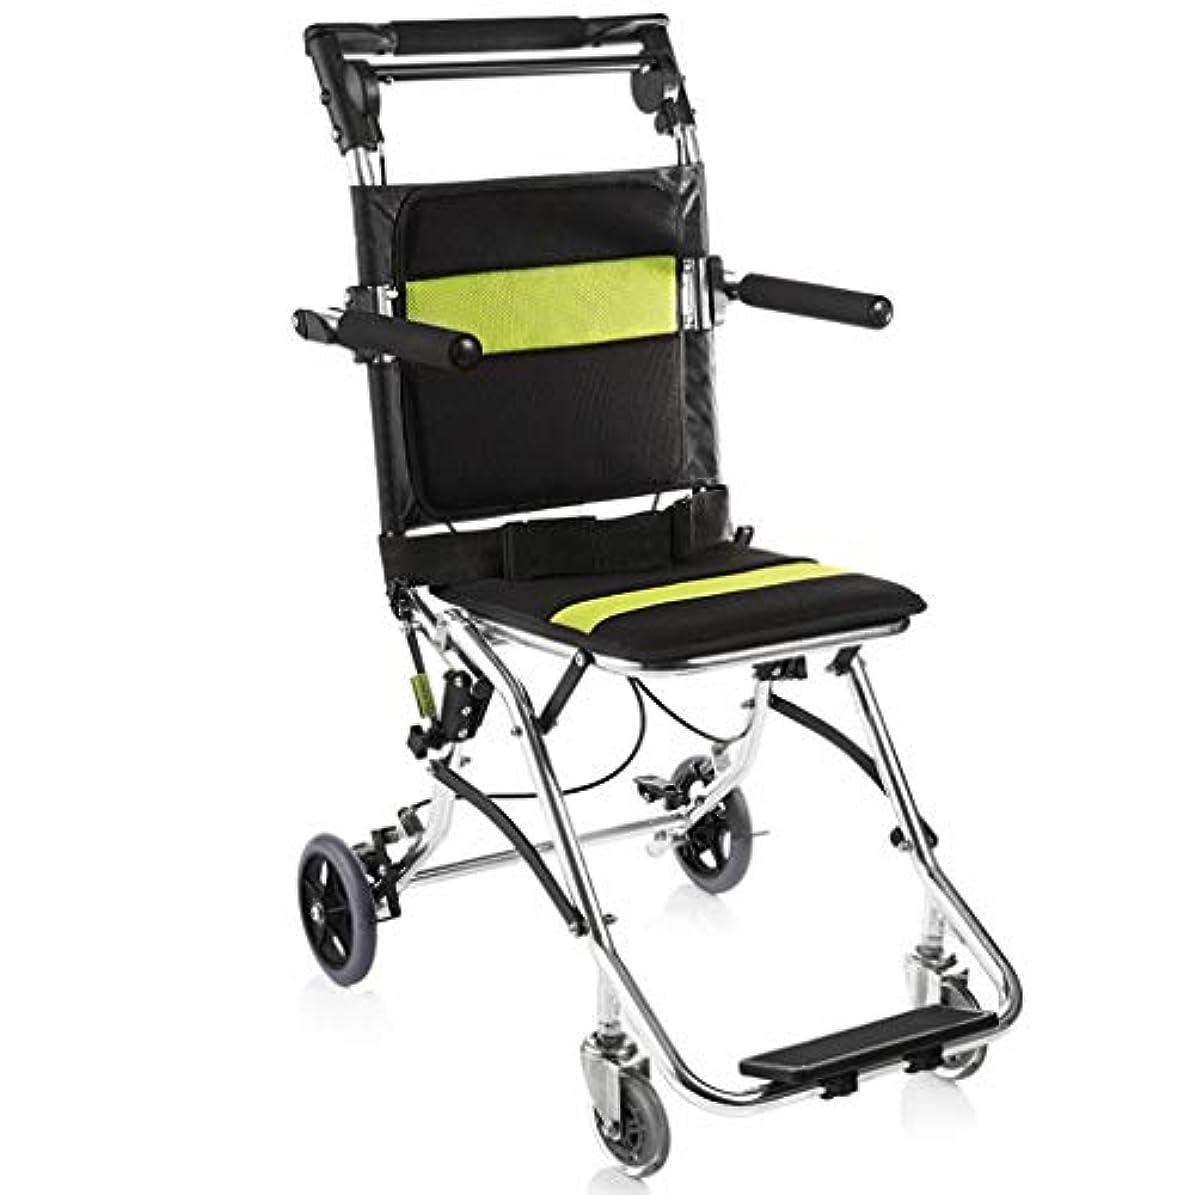 急降下むしゃむしゃフェリー車椅子折りたたみフルオブリーク/リクライニングデザイン、多機能高齢者ポータブルトロリー、四輪ブレーキ車椅子